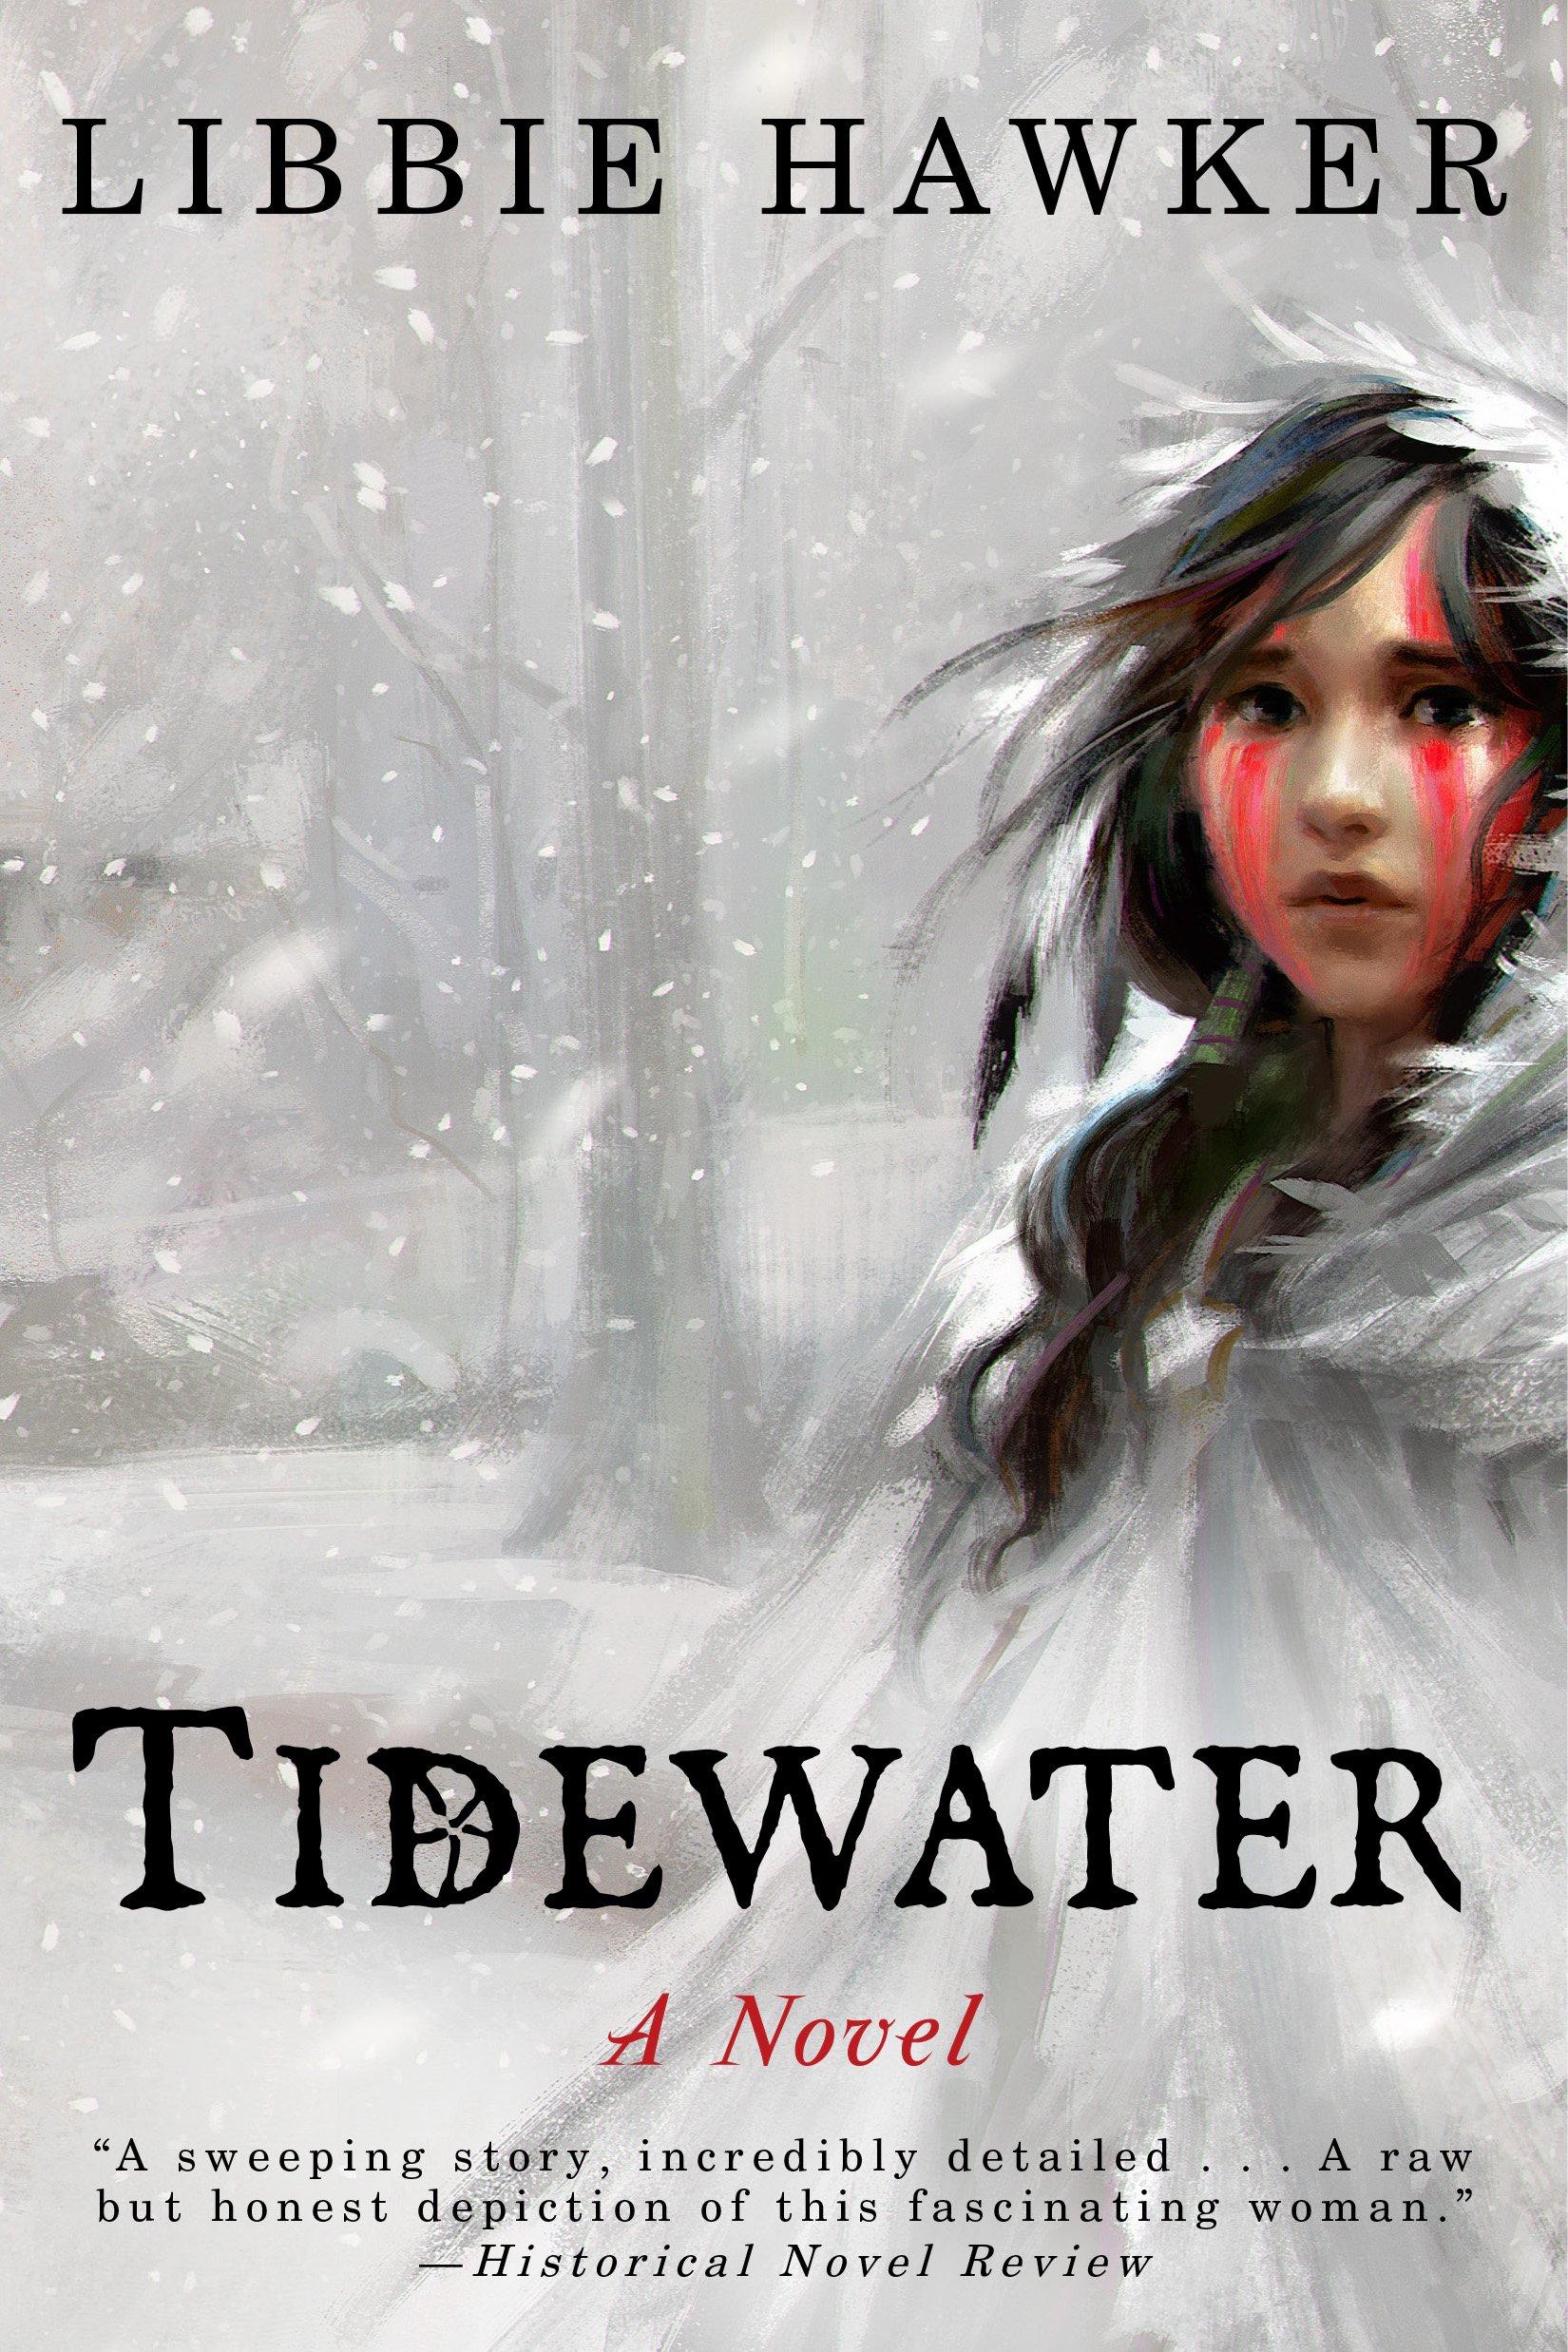 Tidewater: A Novel: Amazon.es: Libbie Hawker: Libros en idiomas extranjeros